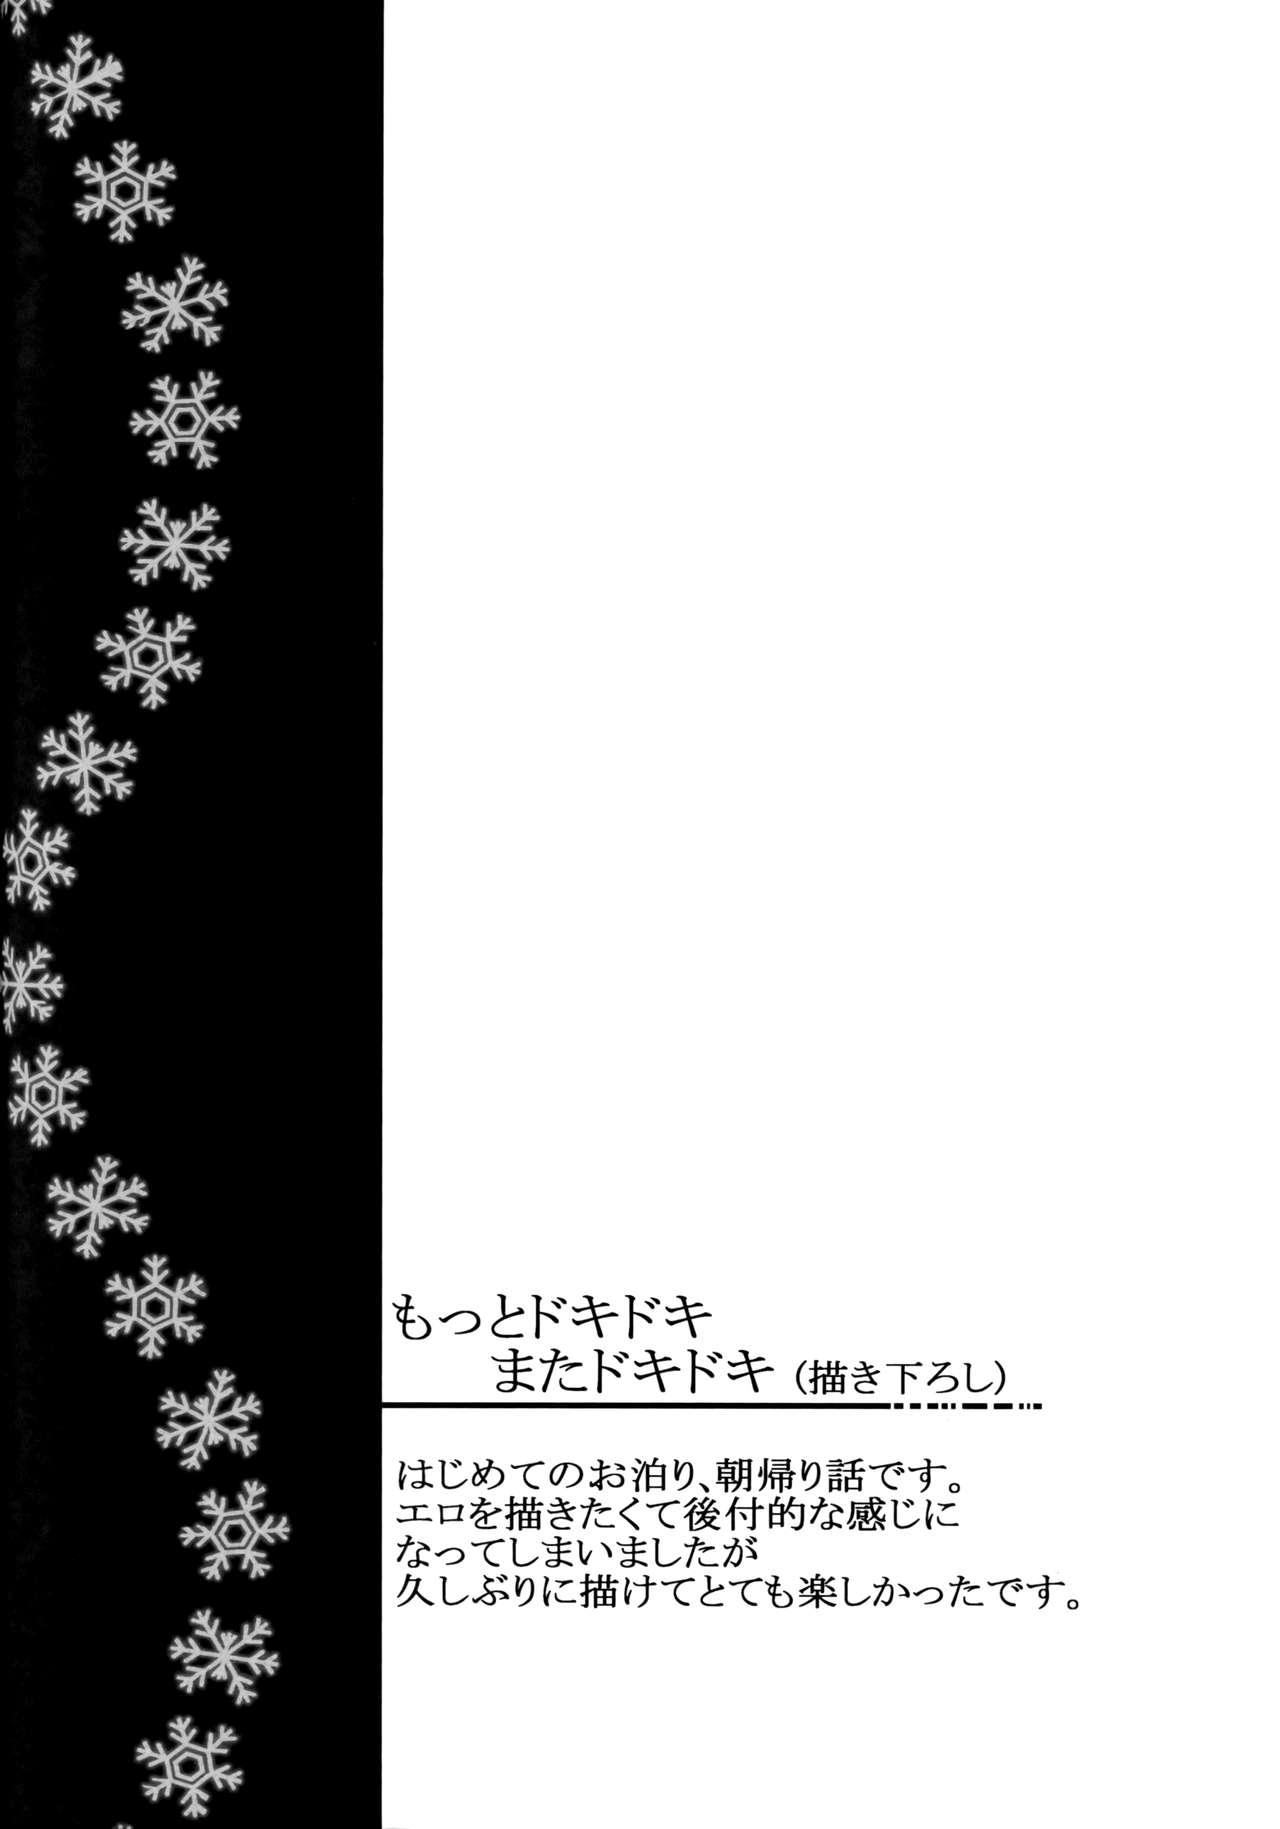 Fuyuiro Memories - Winter Color Memories 3